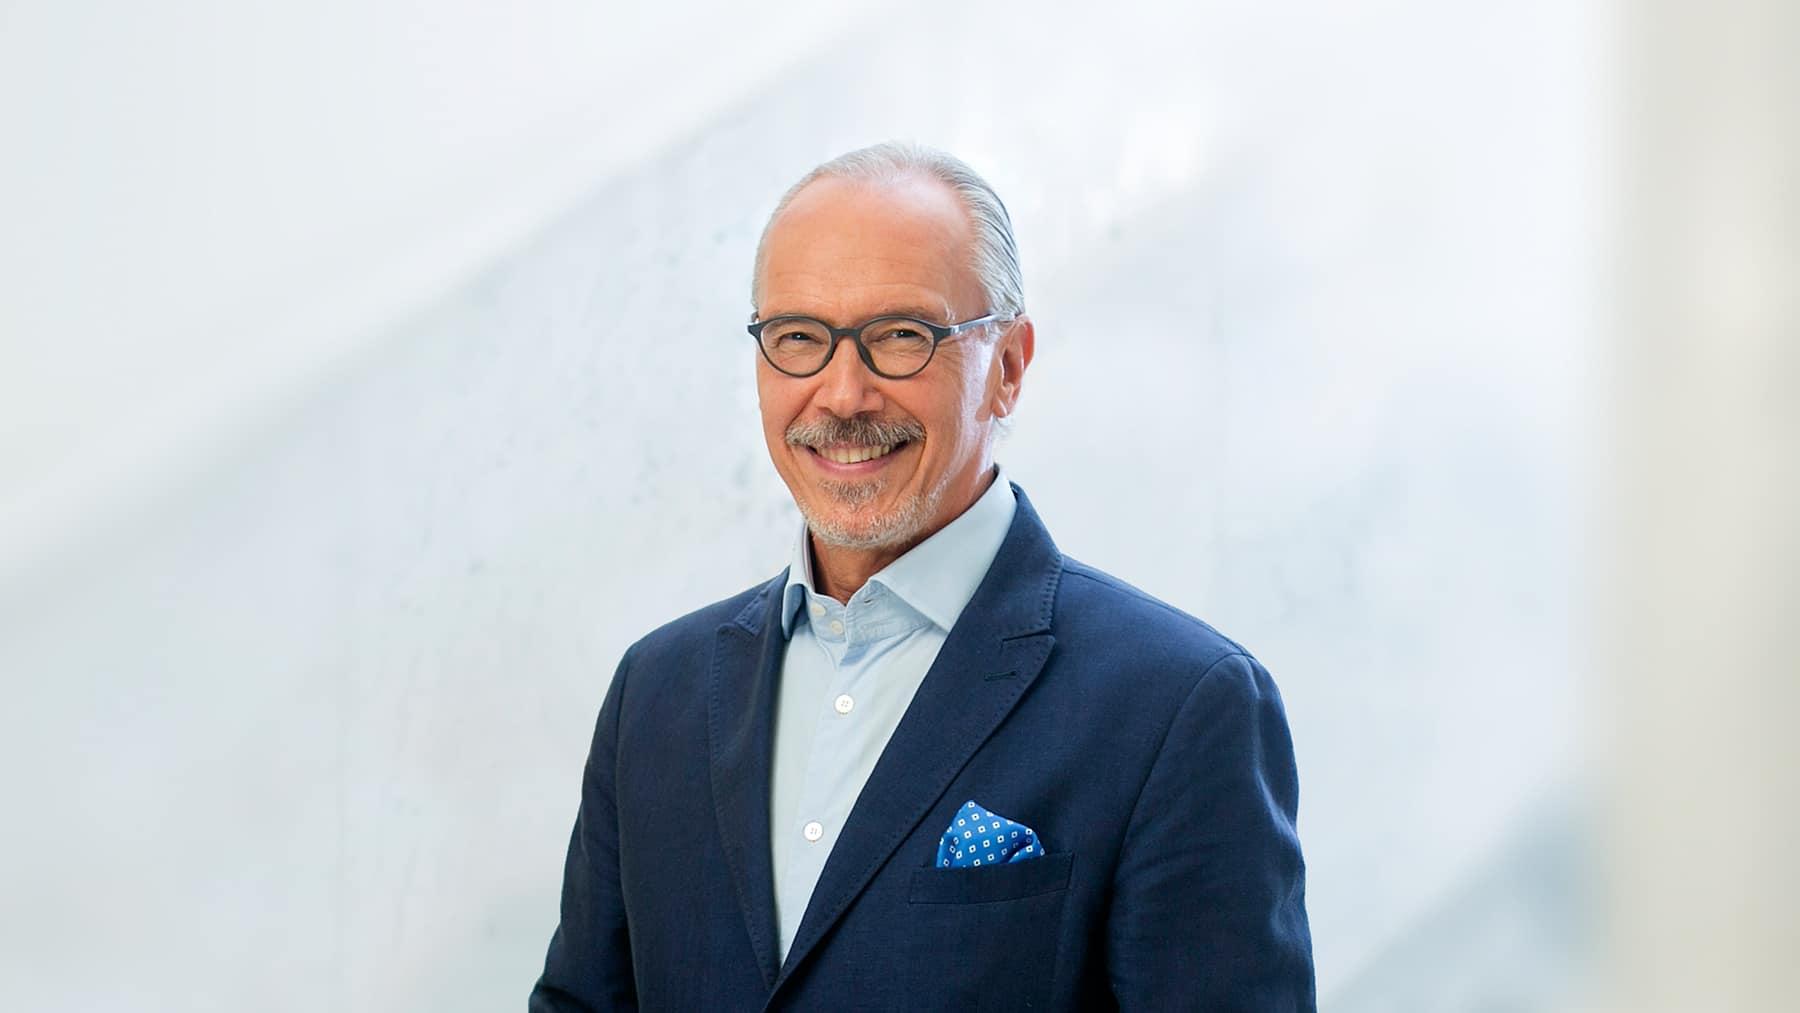 Dr. Siegfried Meryn - Internist und Facharzt für Innere Medizin in Wien